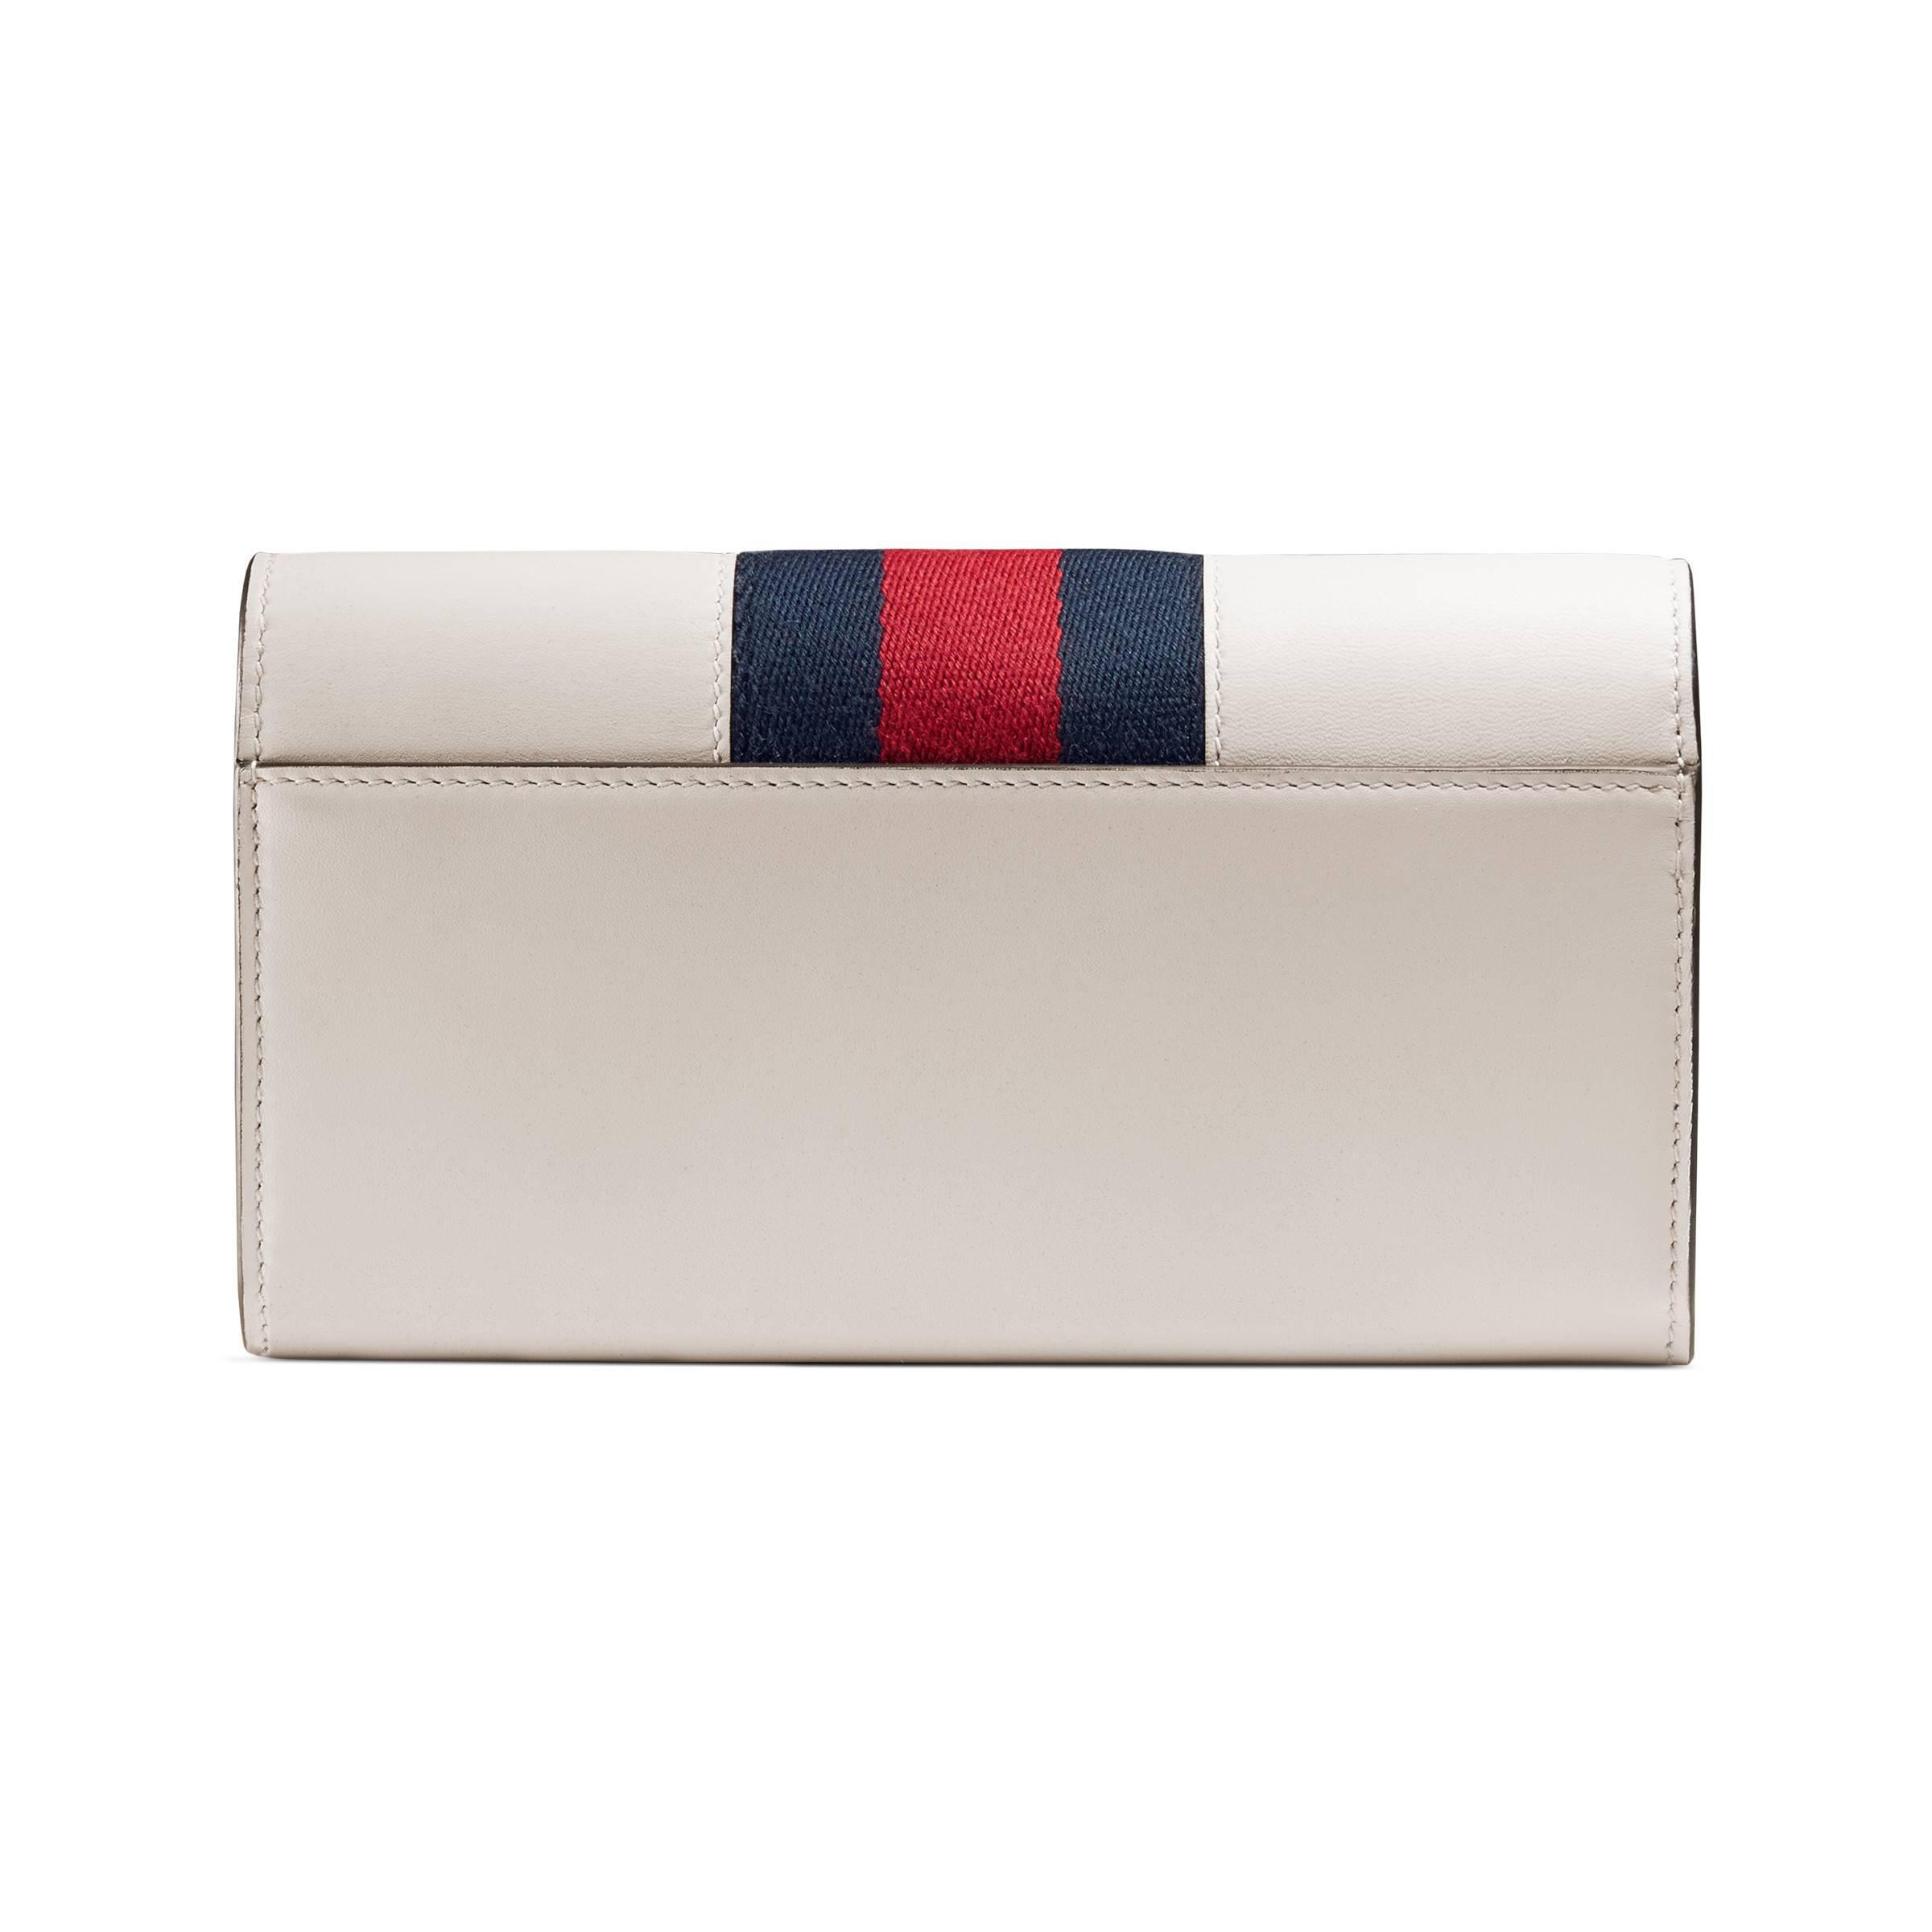 96b4bcbfe68 Gucci - White Portefeuille Continental Sylvie en cuir avec broderies -  Lyst. Afficher en plein écran